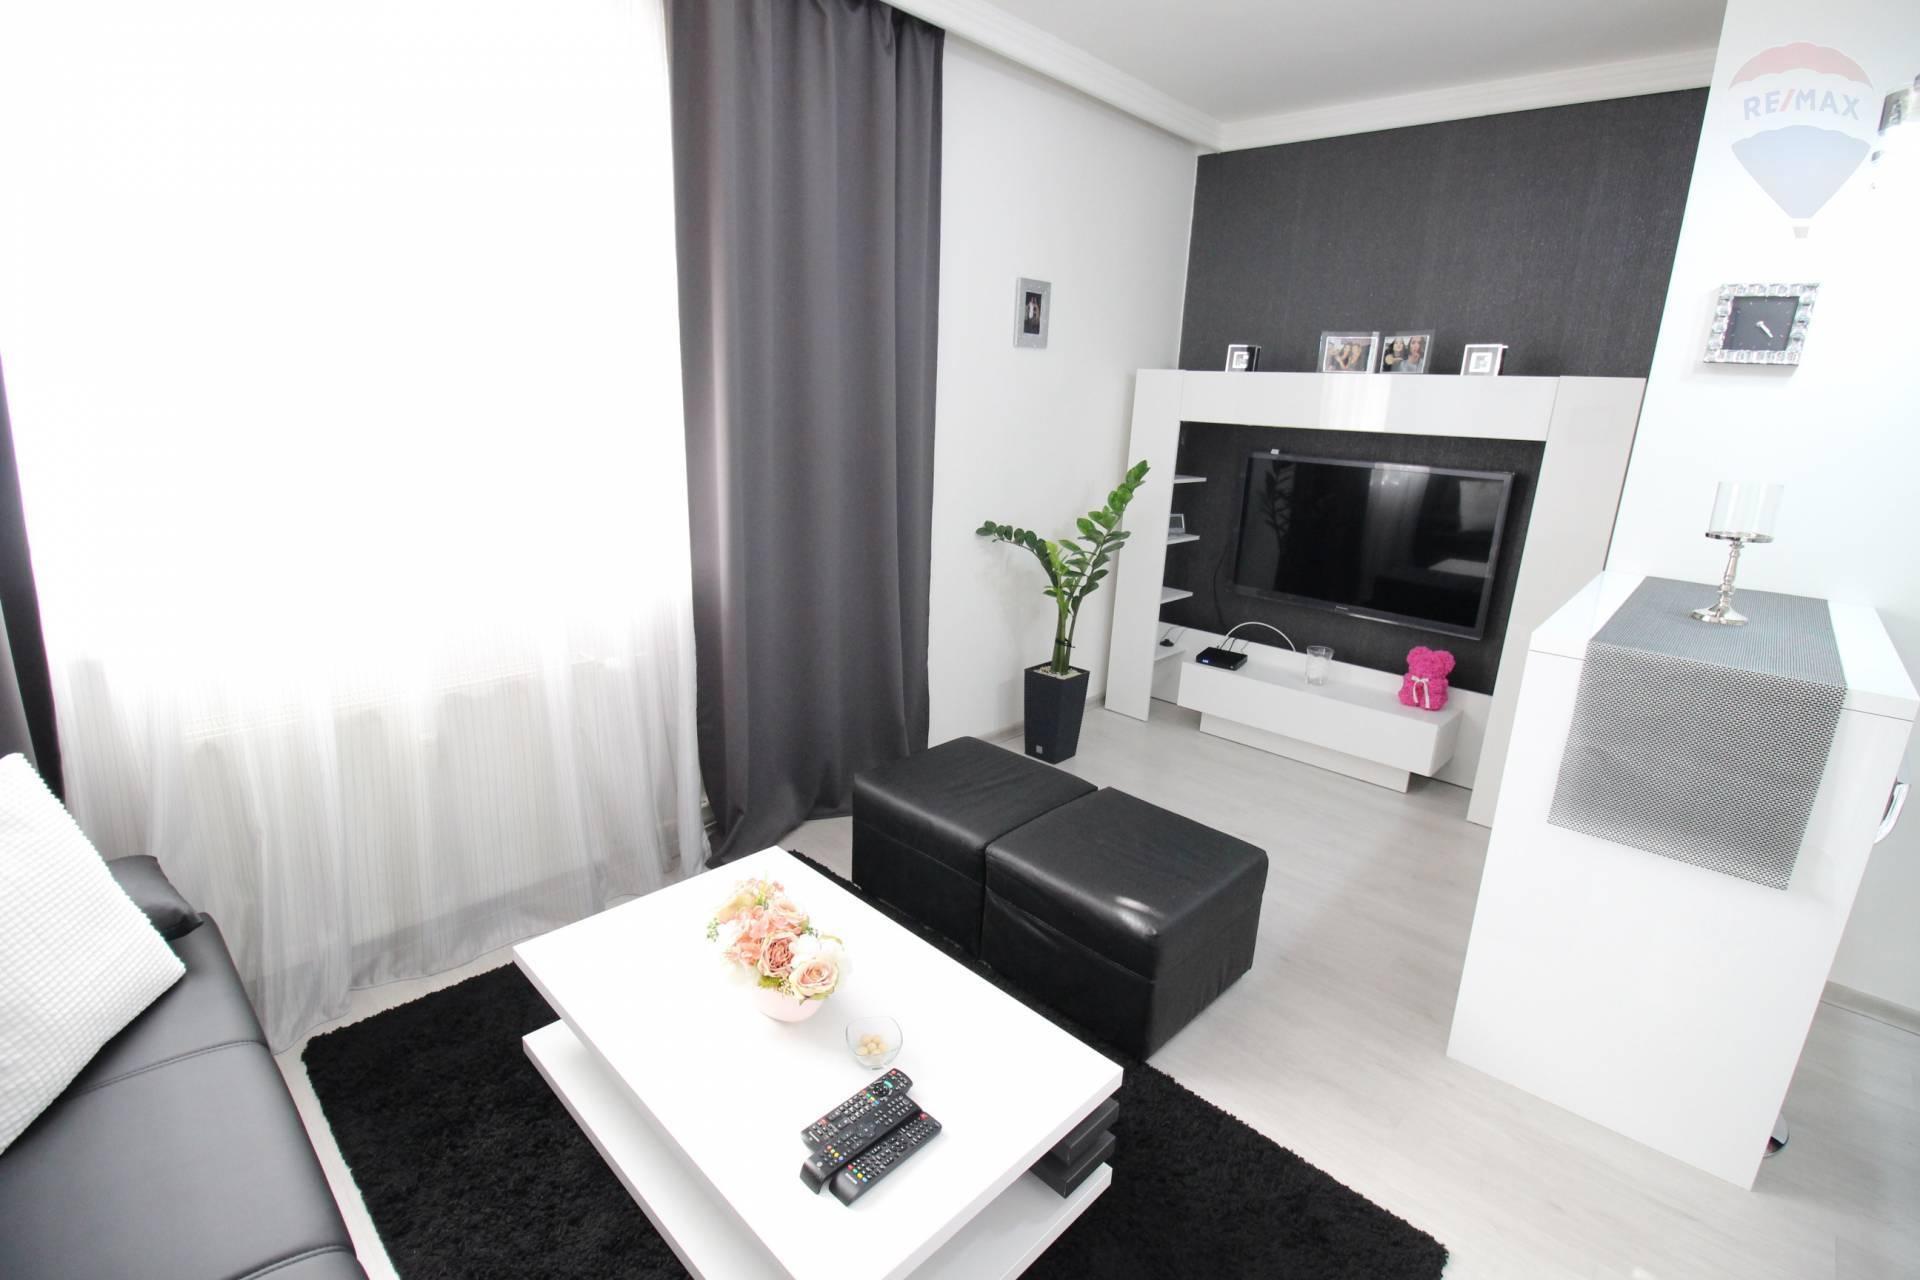 Prenájom: 1 izbový byt, centrum mesta, kompletná rekonštrukcia + zariadenie, Dunajská Streda